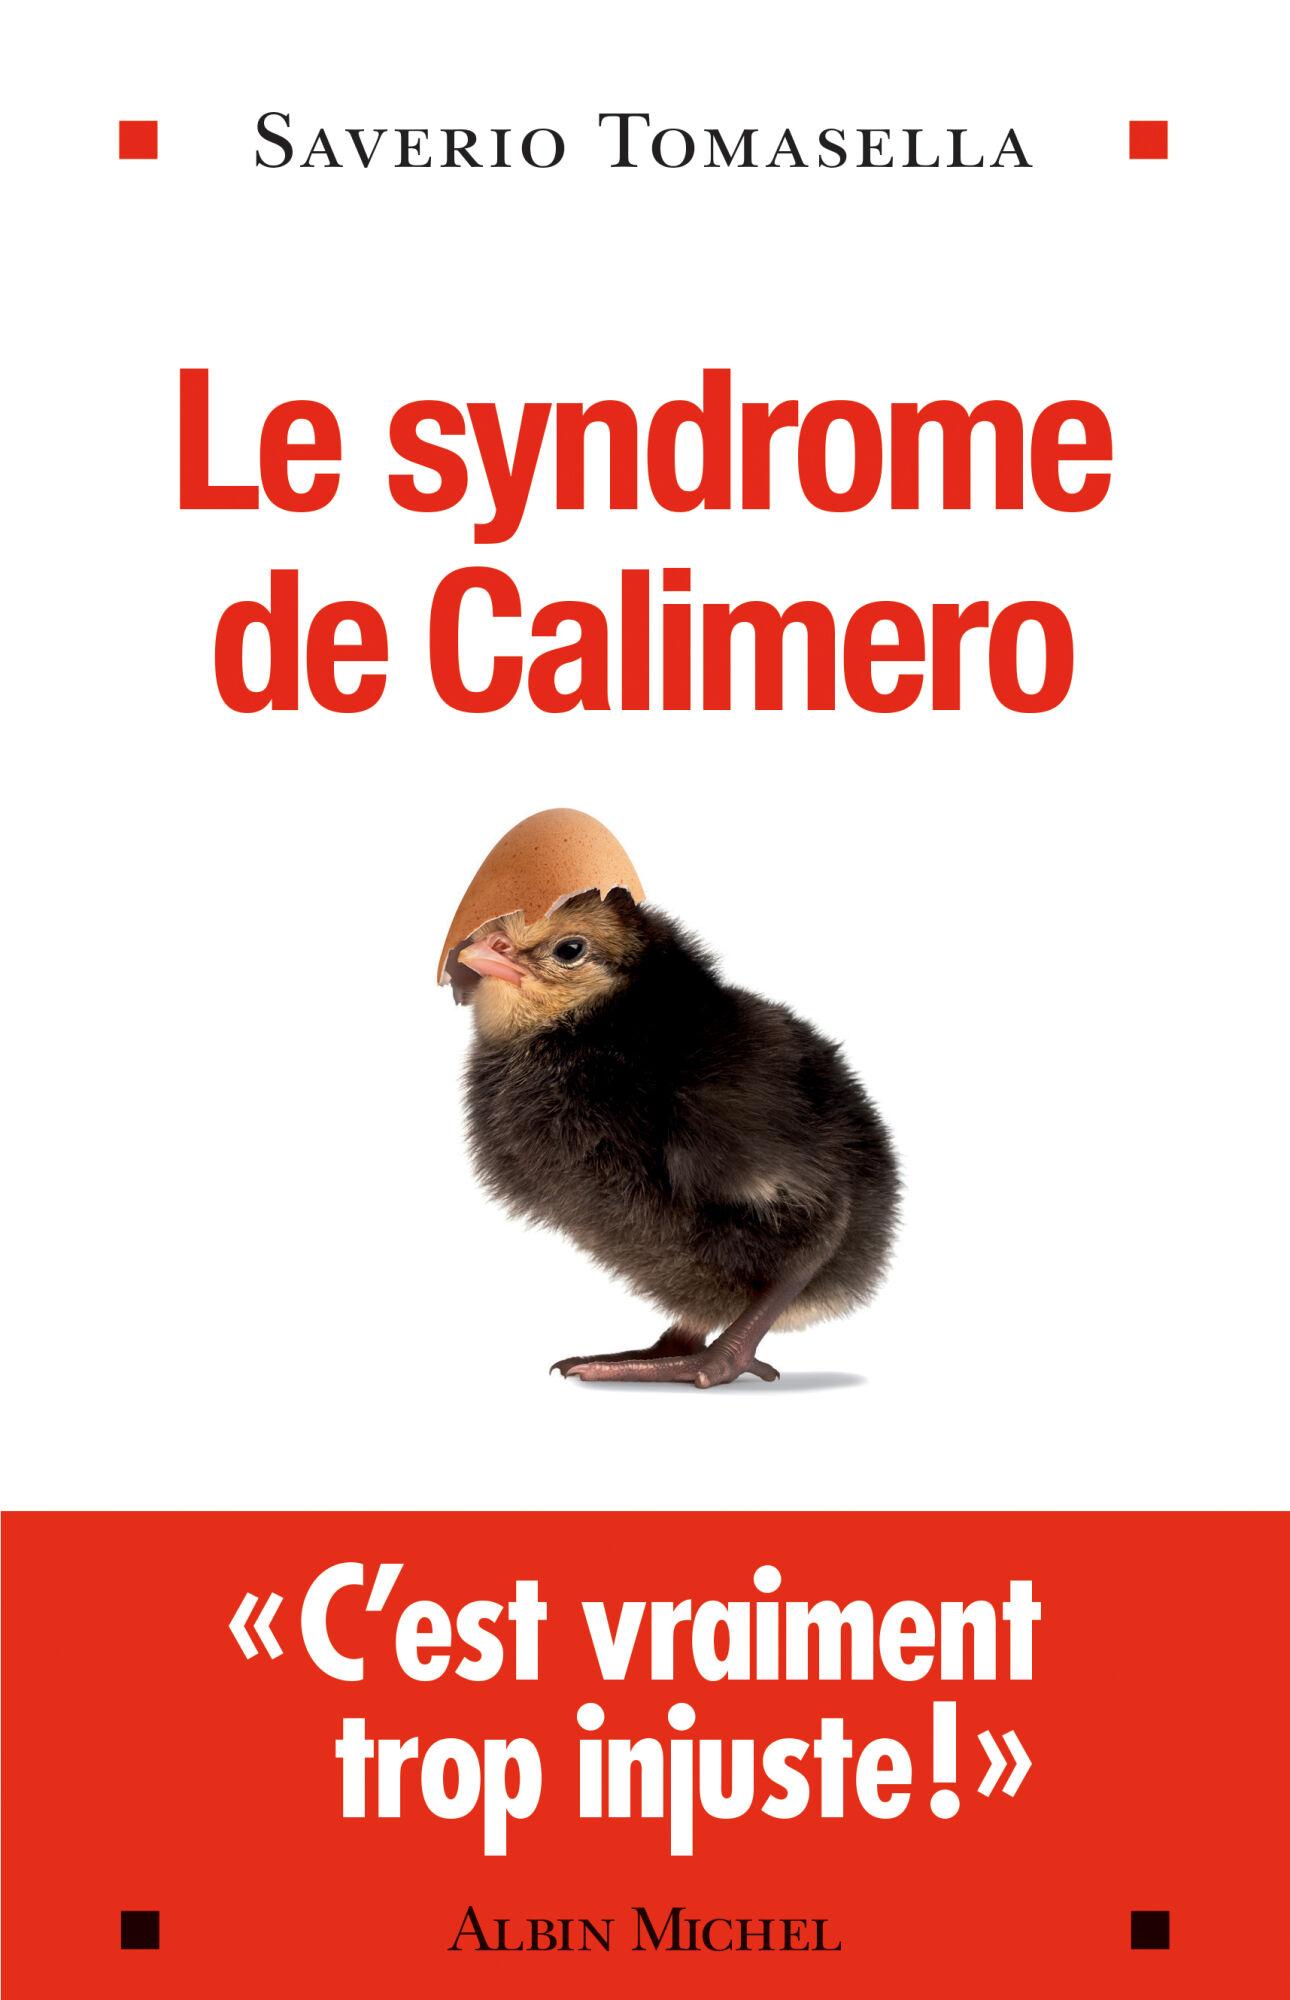 Le livre de Saverio Tomasella sur le Syndrome de Calimero